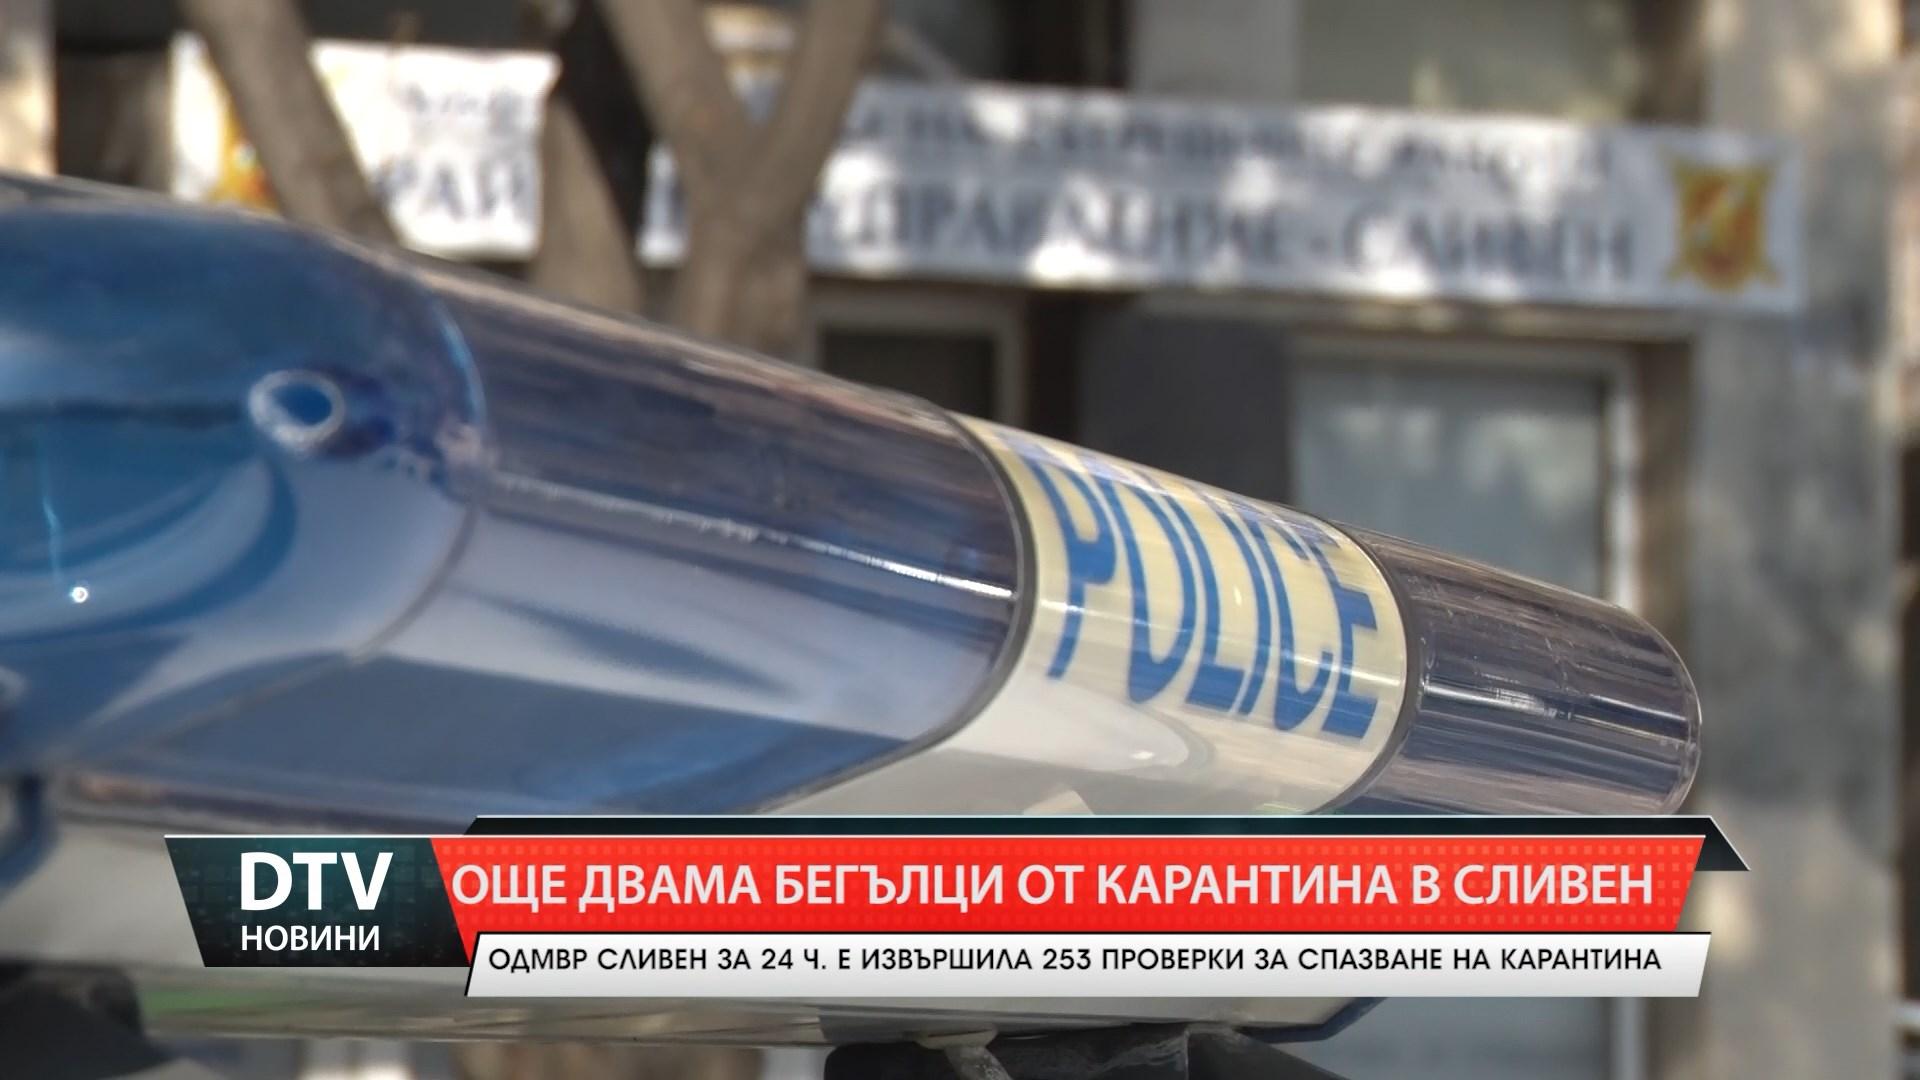 Още двама бягат от карантина в Сливен